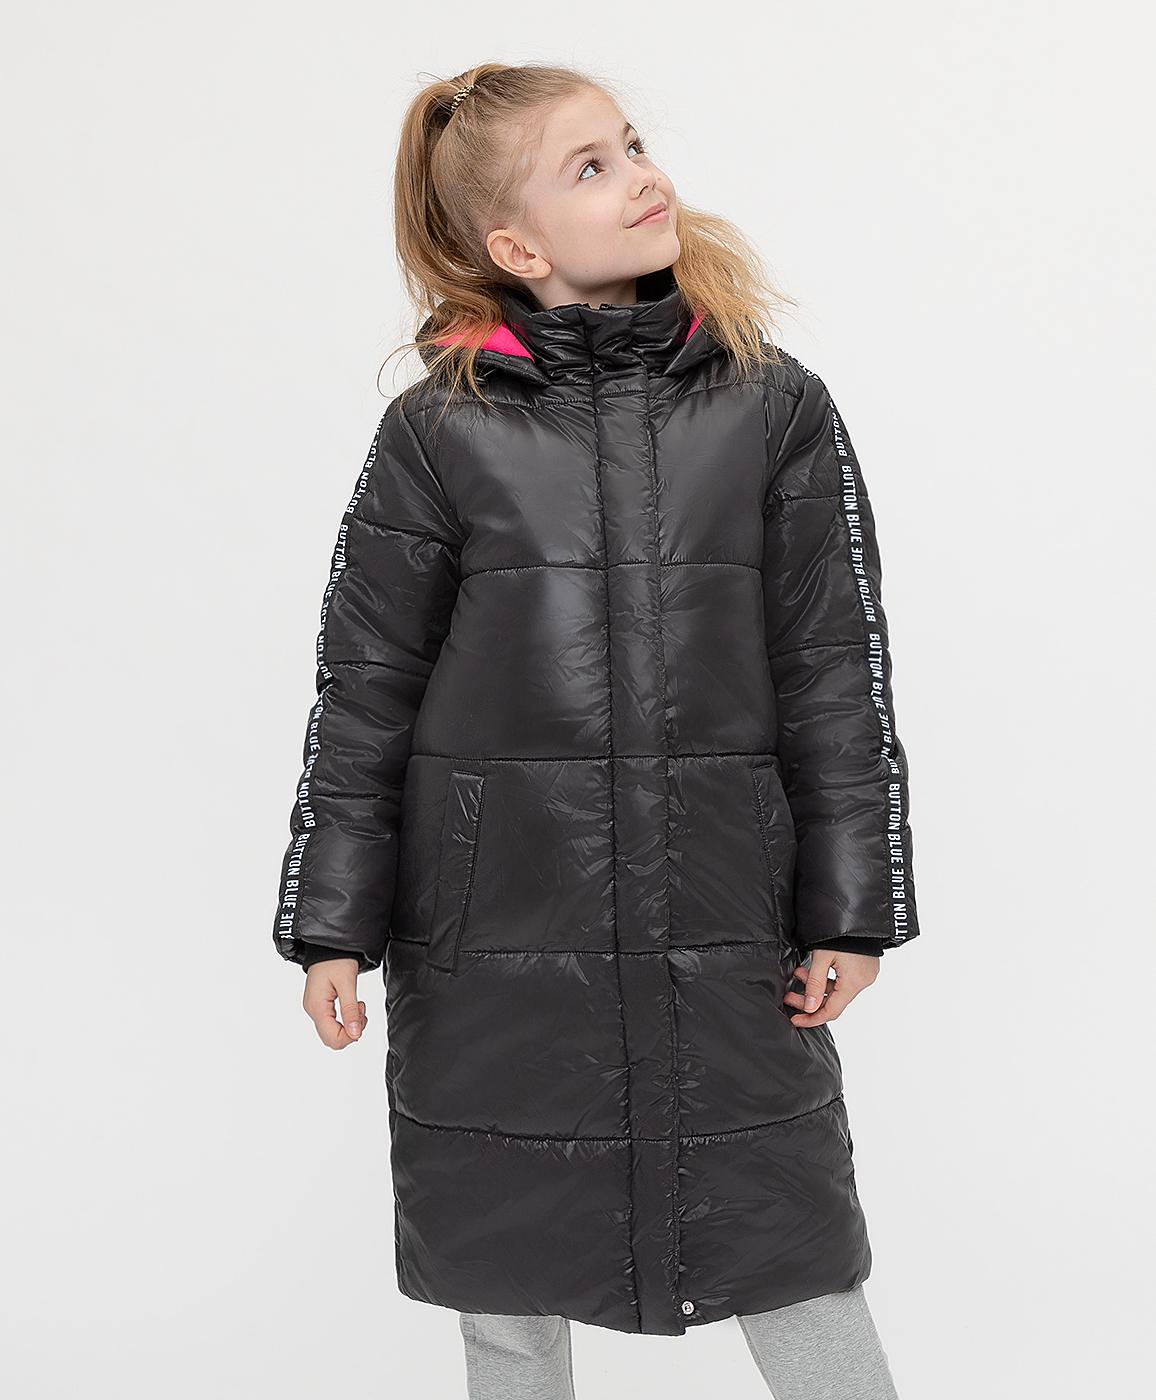 Купить 221BBGJC45020800, Пальто зимнее с капюшоном черное Button Blue, черный, 140, Полиэстер, Женский, Зима, ОСЕНЬ/ЗИМА 2021-2022 (shop: GulliverMarket Gulliver Market)